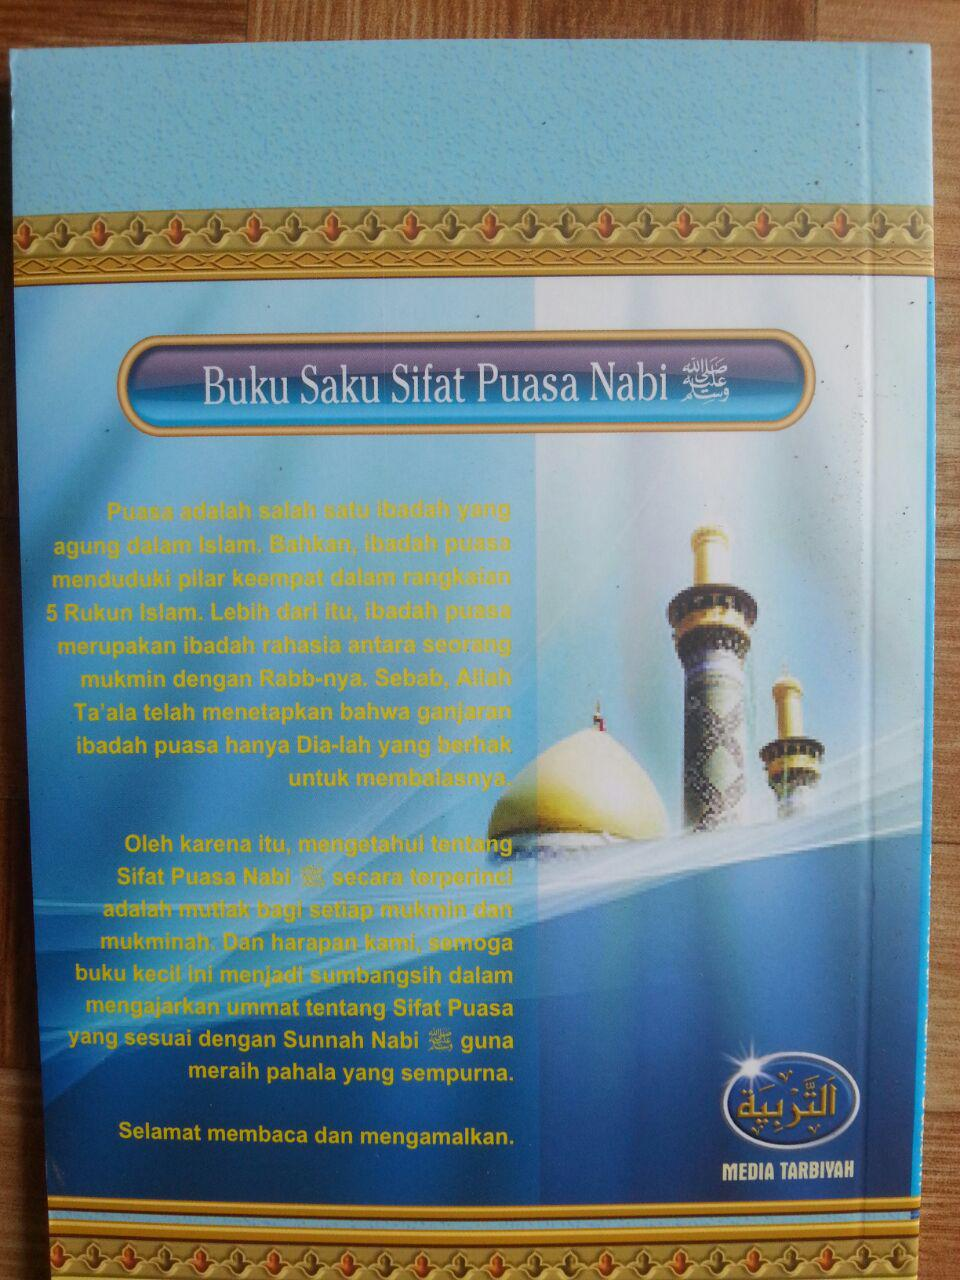 Buku Saku Sifat Puasa Nabi cover